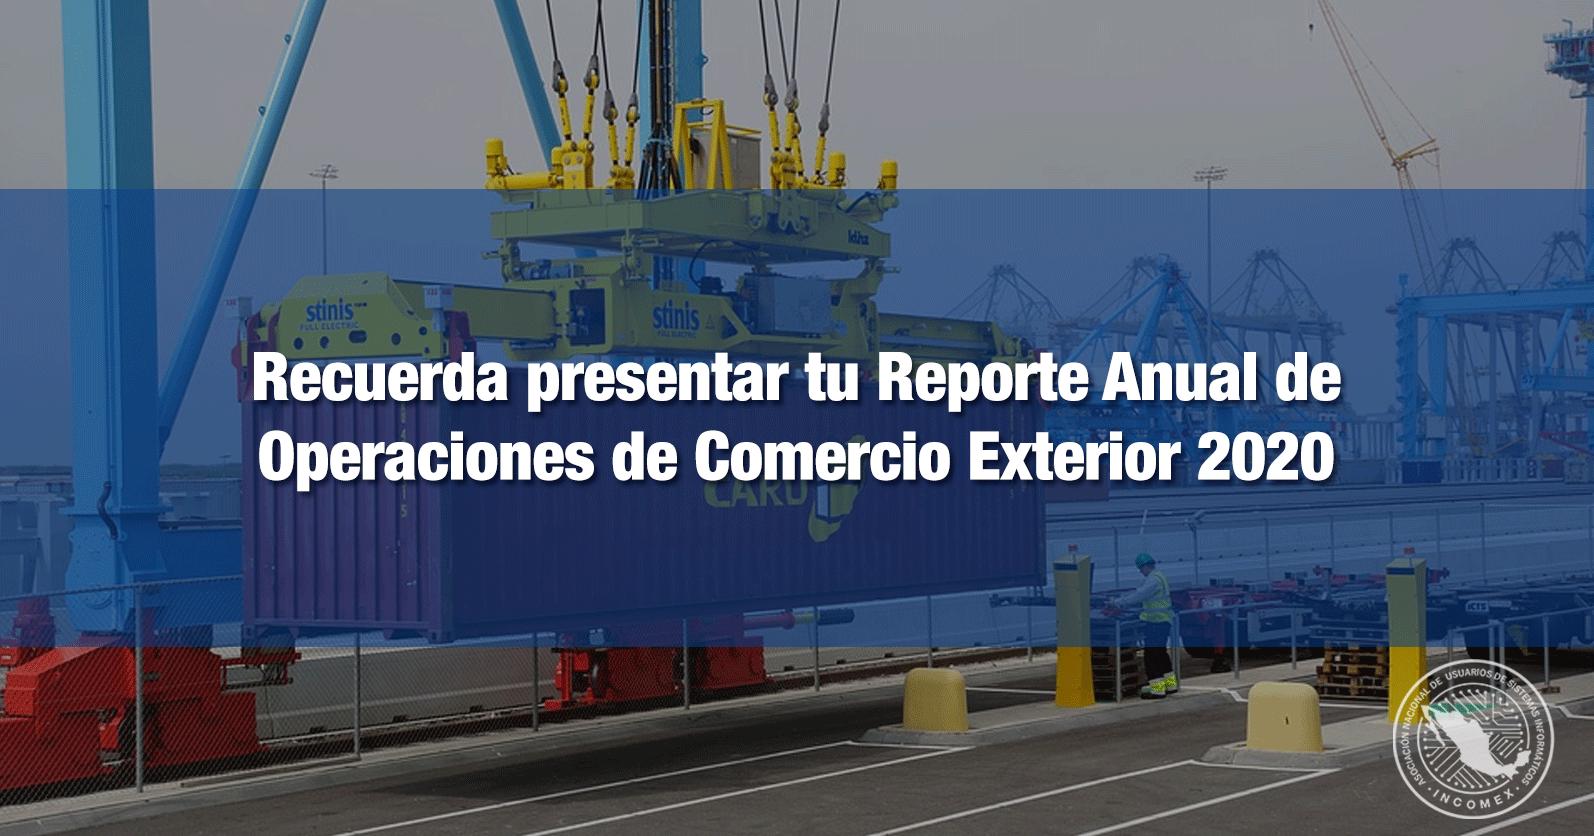 Recuerda presentar tu Reporte Anual de Operaciones de Comercio Exterior 2020